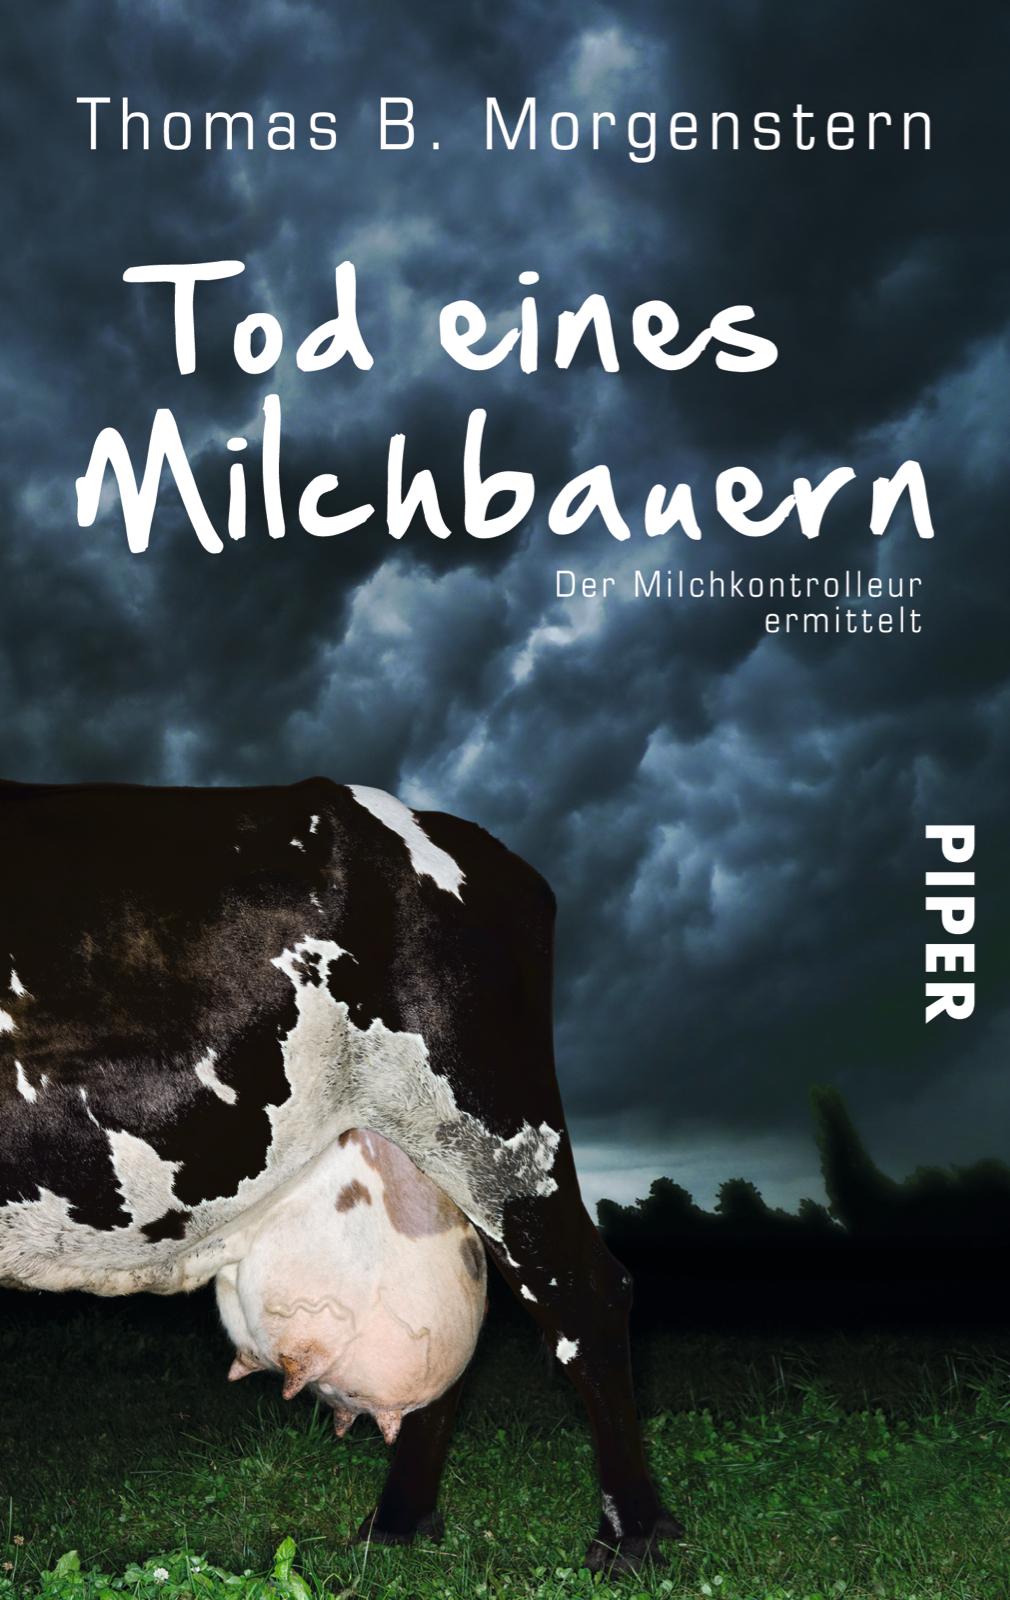 Tod eines Milchbauern: Der Milchkontrolleur ermittelt - Thomas B. Morgenstern